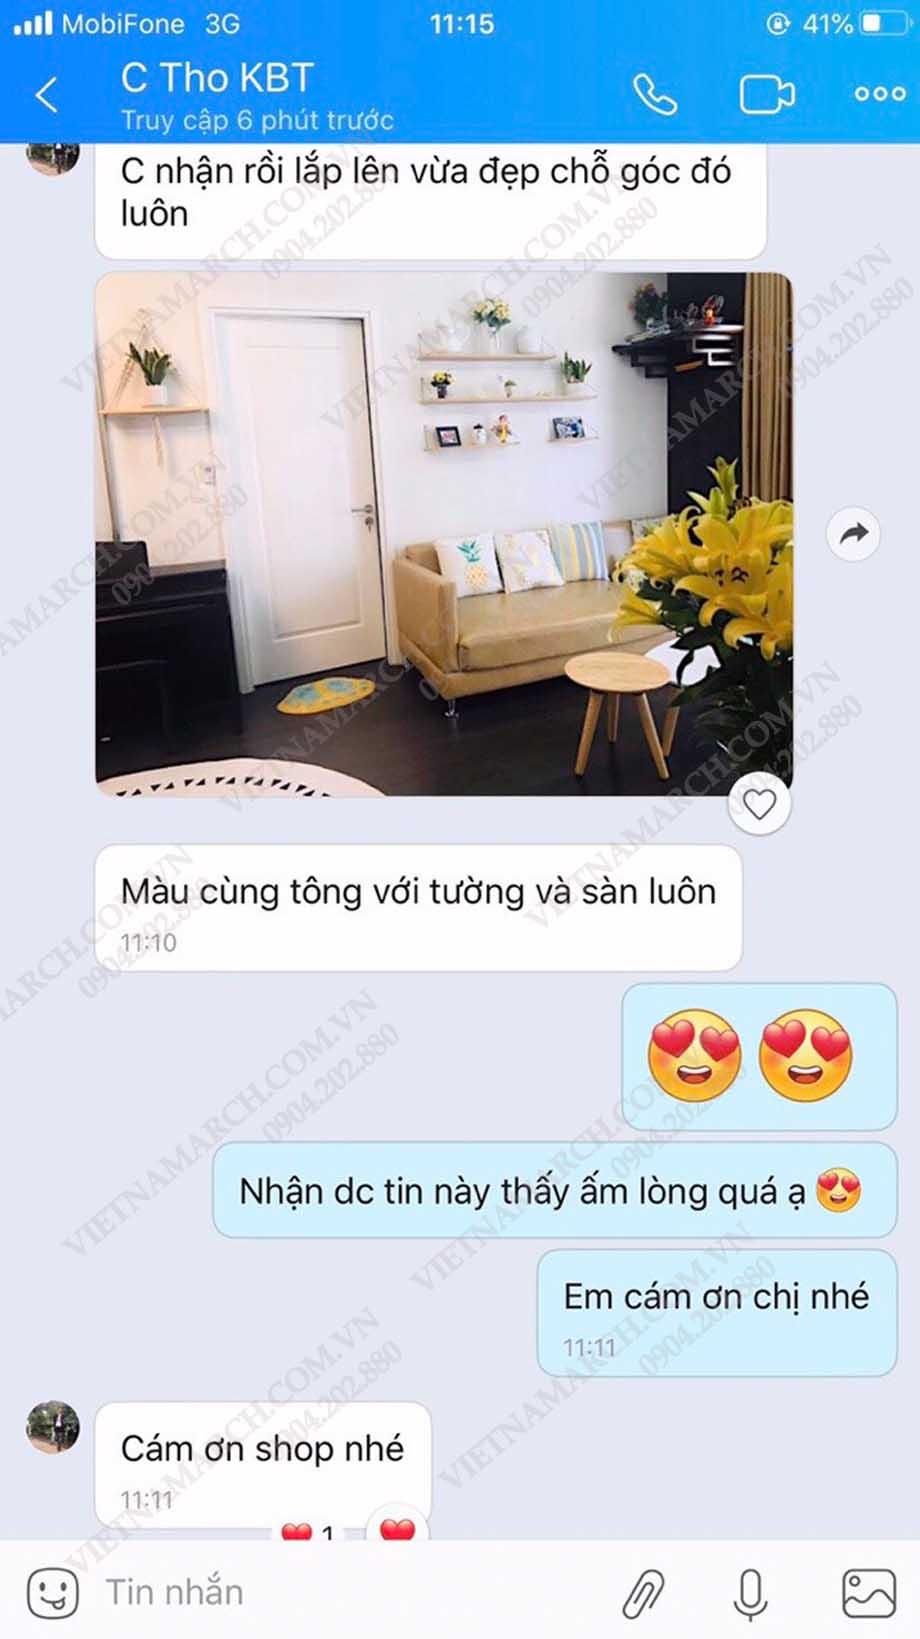 Feedback khách hàng của chị Tho tại chung cư Vinhome Smart City Tây Mỗ